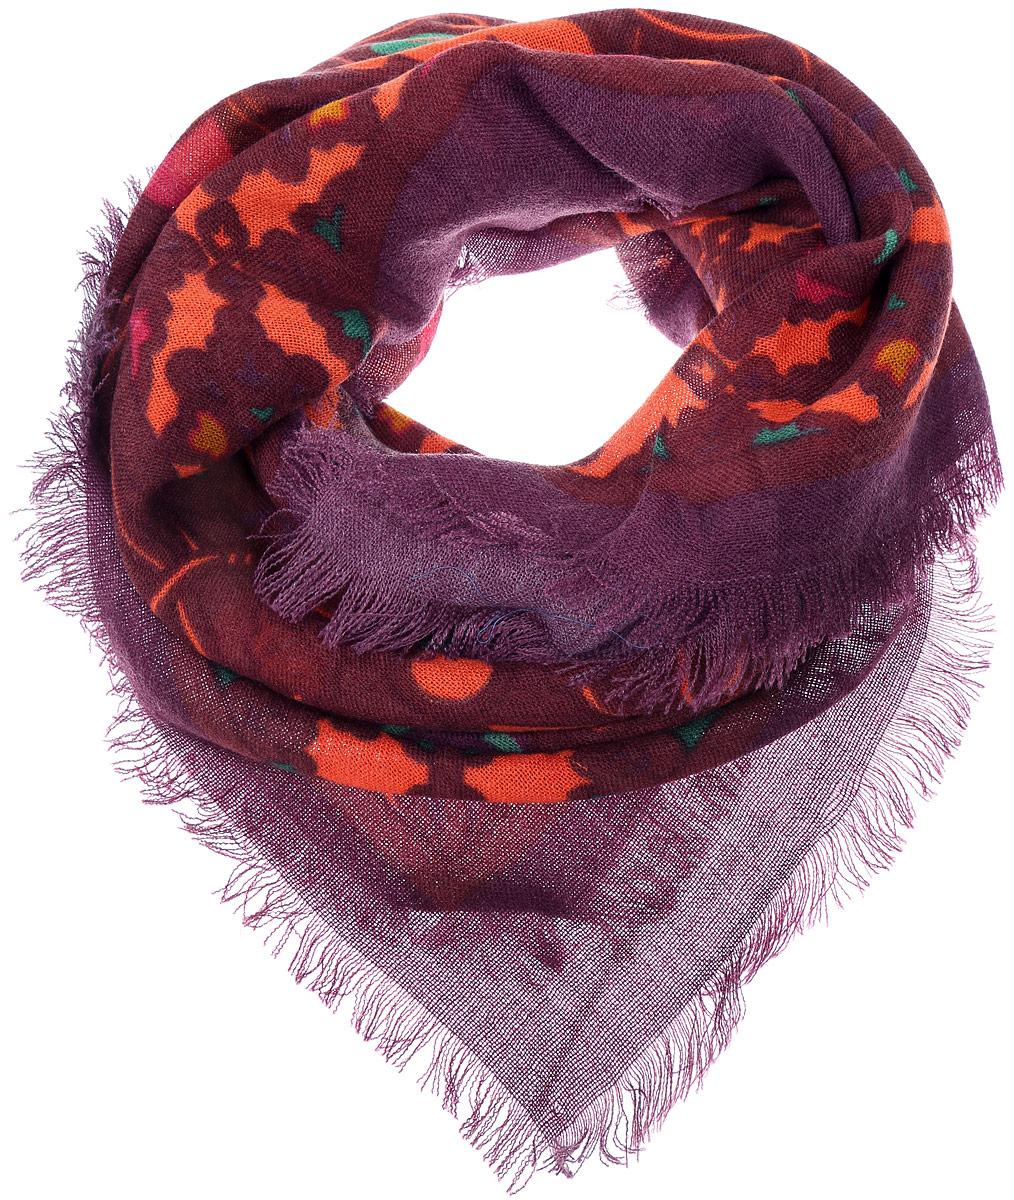 ПлатокSH1502-R18-1Теплый женский платок Vittorio Richi изготовлен из сочетания теплой шерсти и высококачественного акрила. Платок оформлен контрастным принтом с узорами и дополнен по краям стильной бахромой.